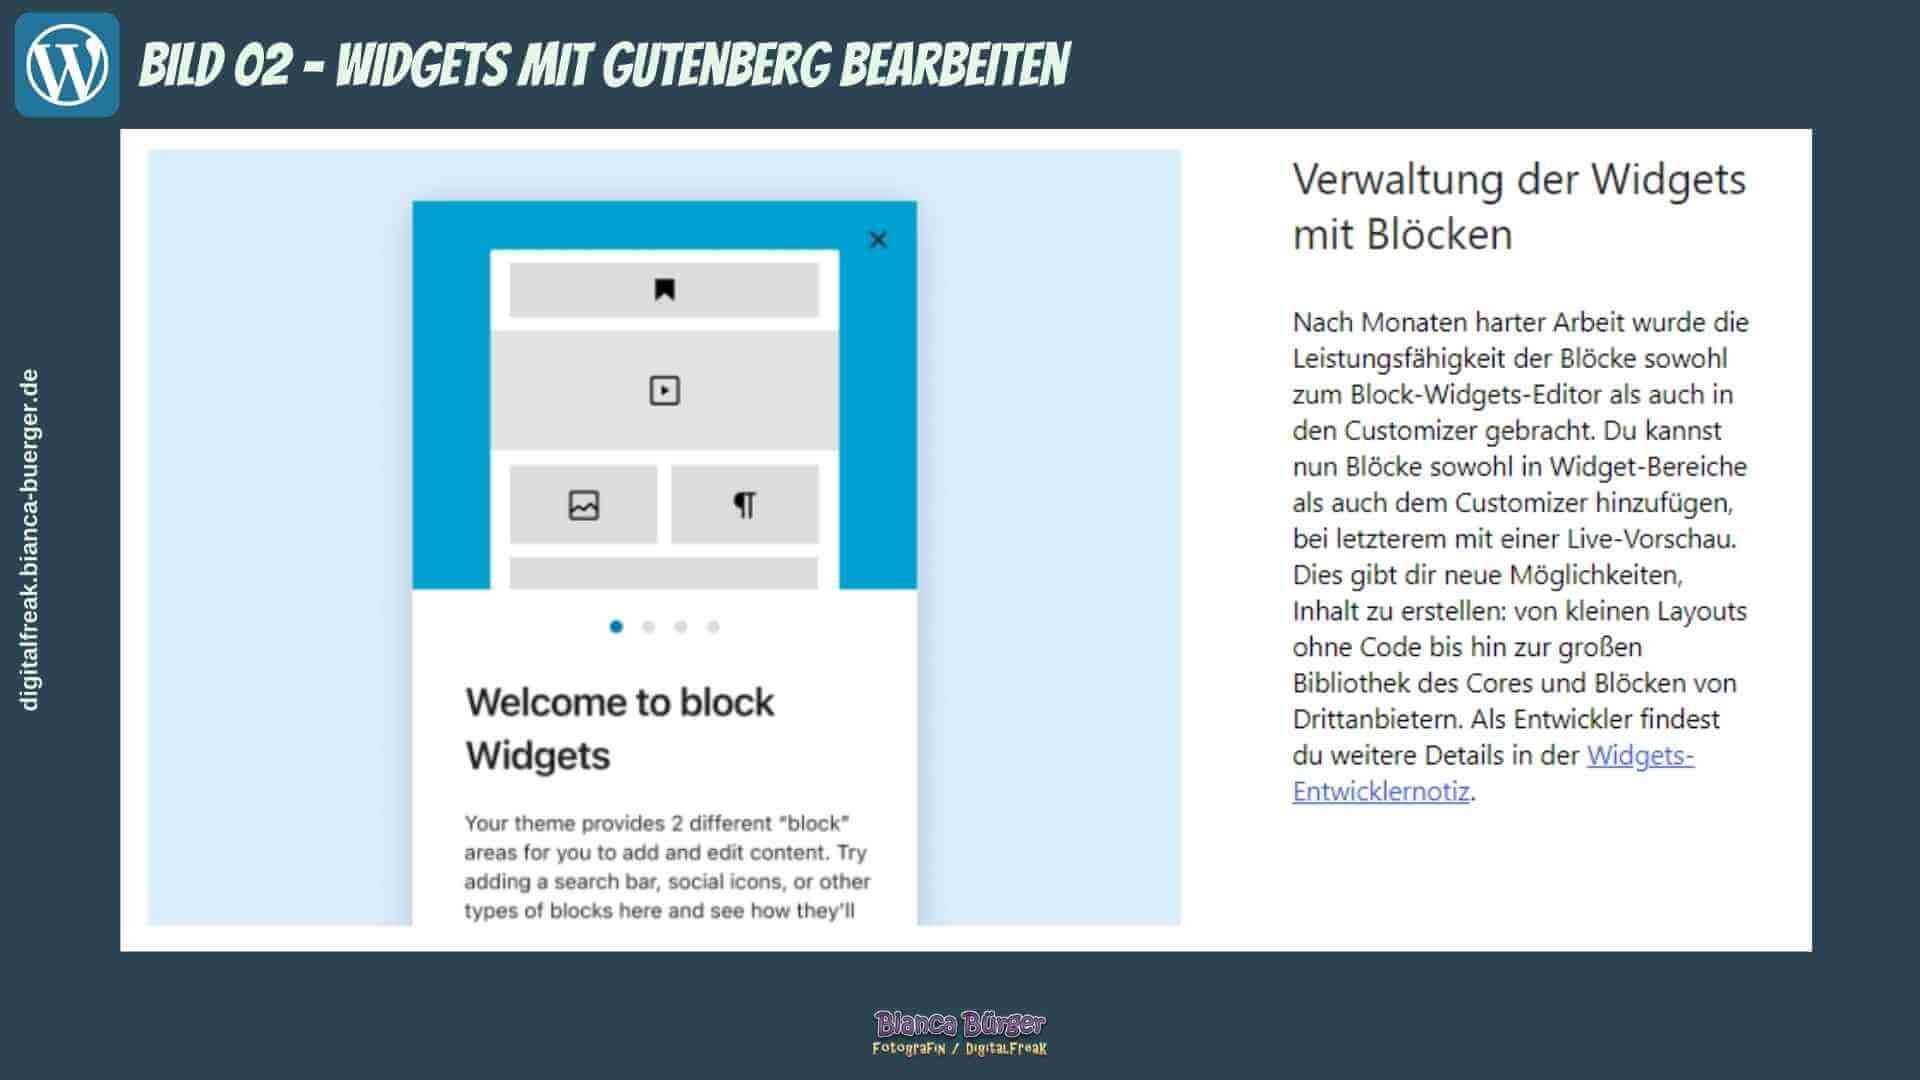 WordPress-5-8_02_Widgets-m-Gutenberg